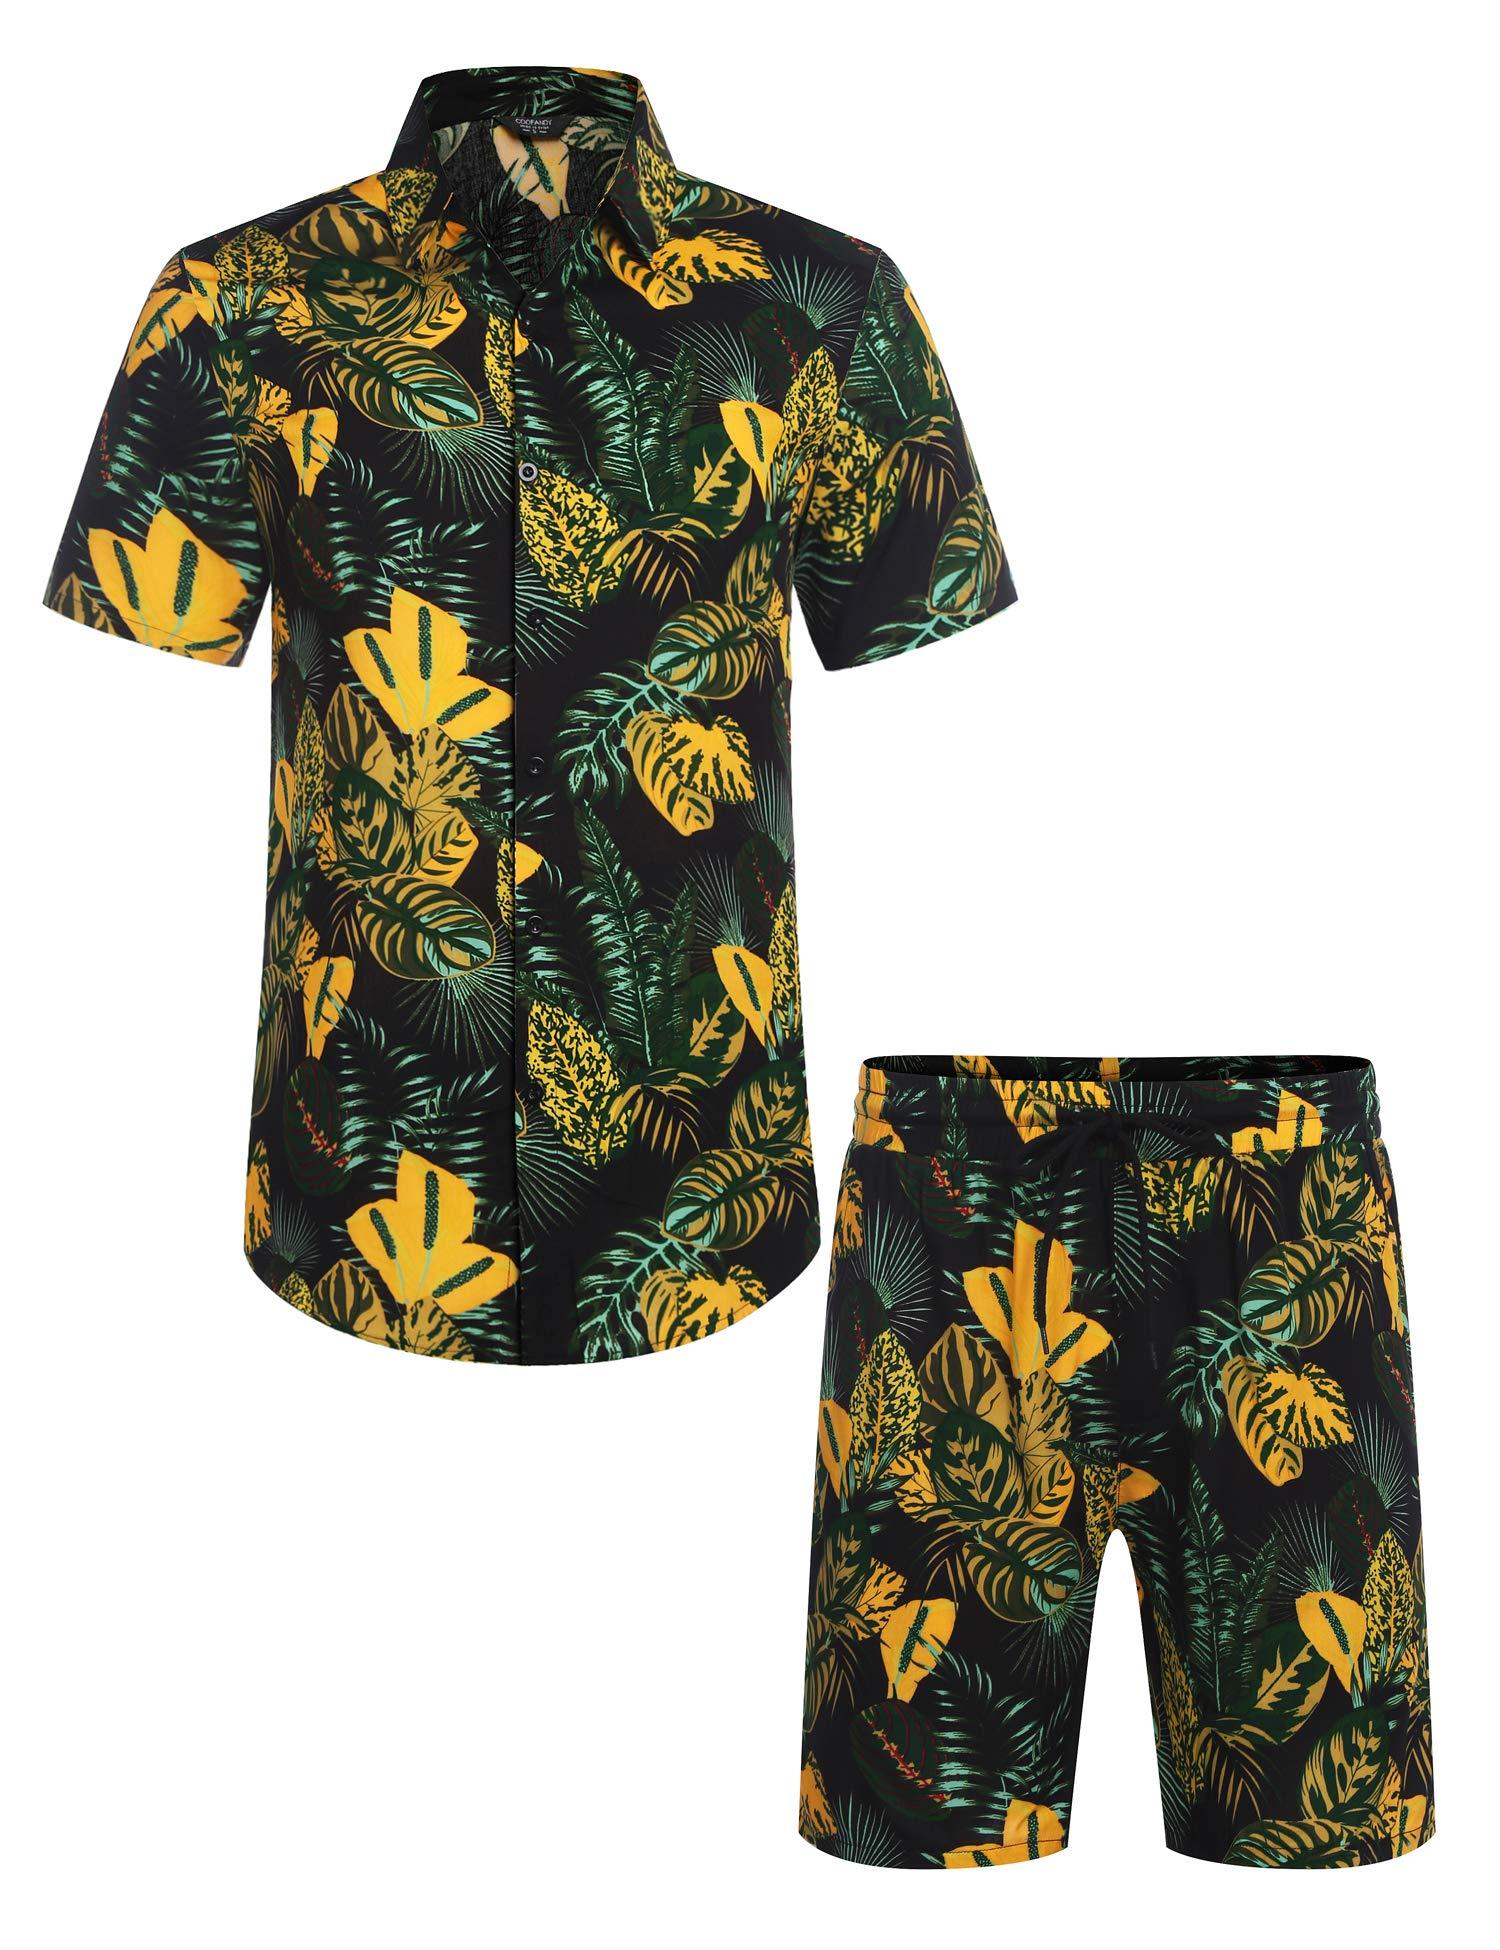 COOFANDY Men's Flower Shirt Hawaiian Sets Casual Button Down Short Sleeve Shirt